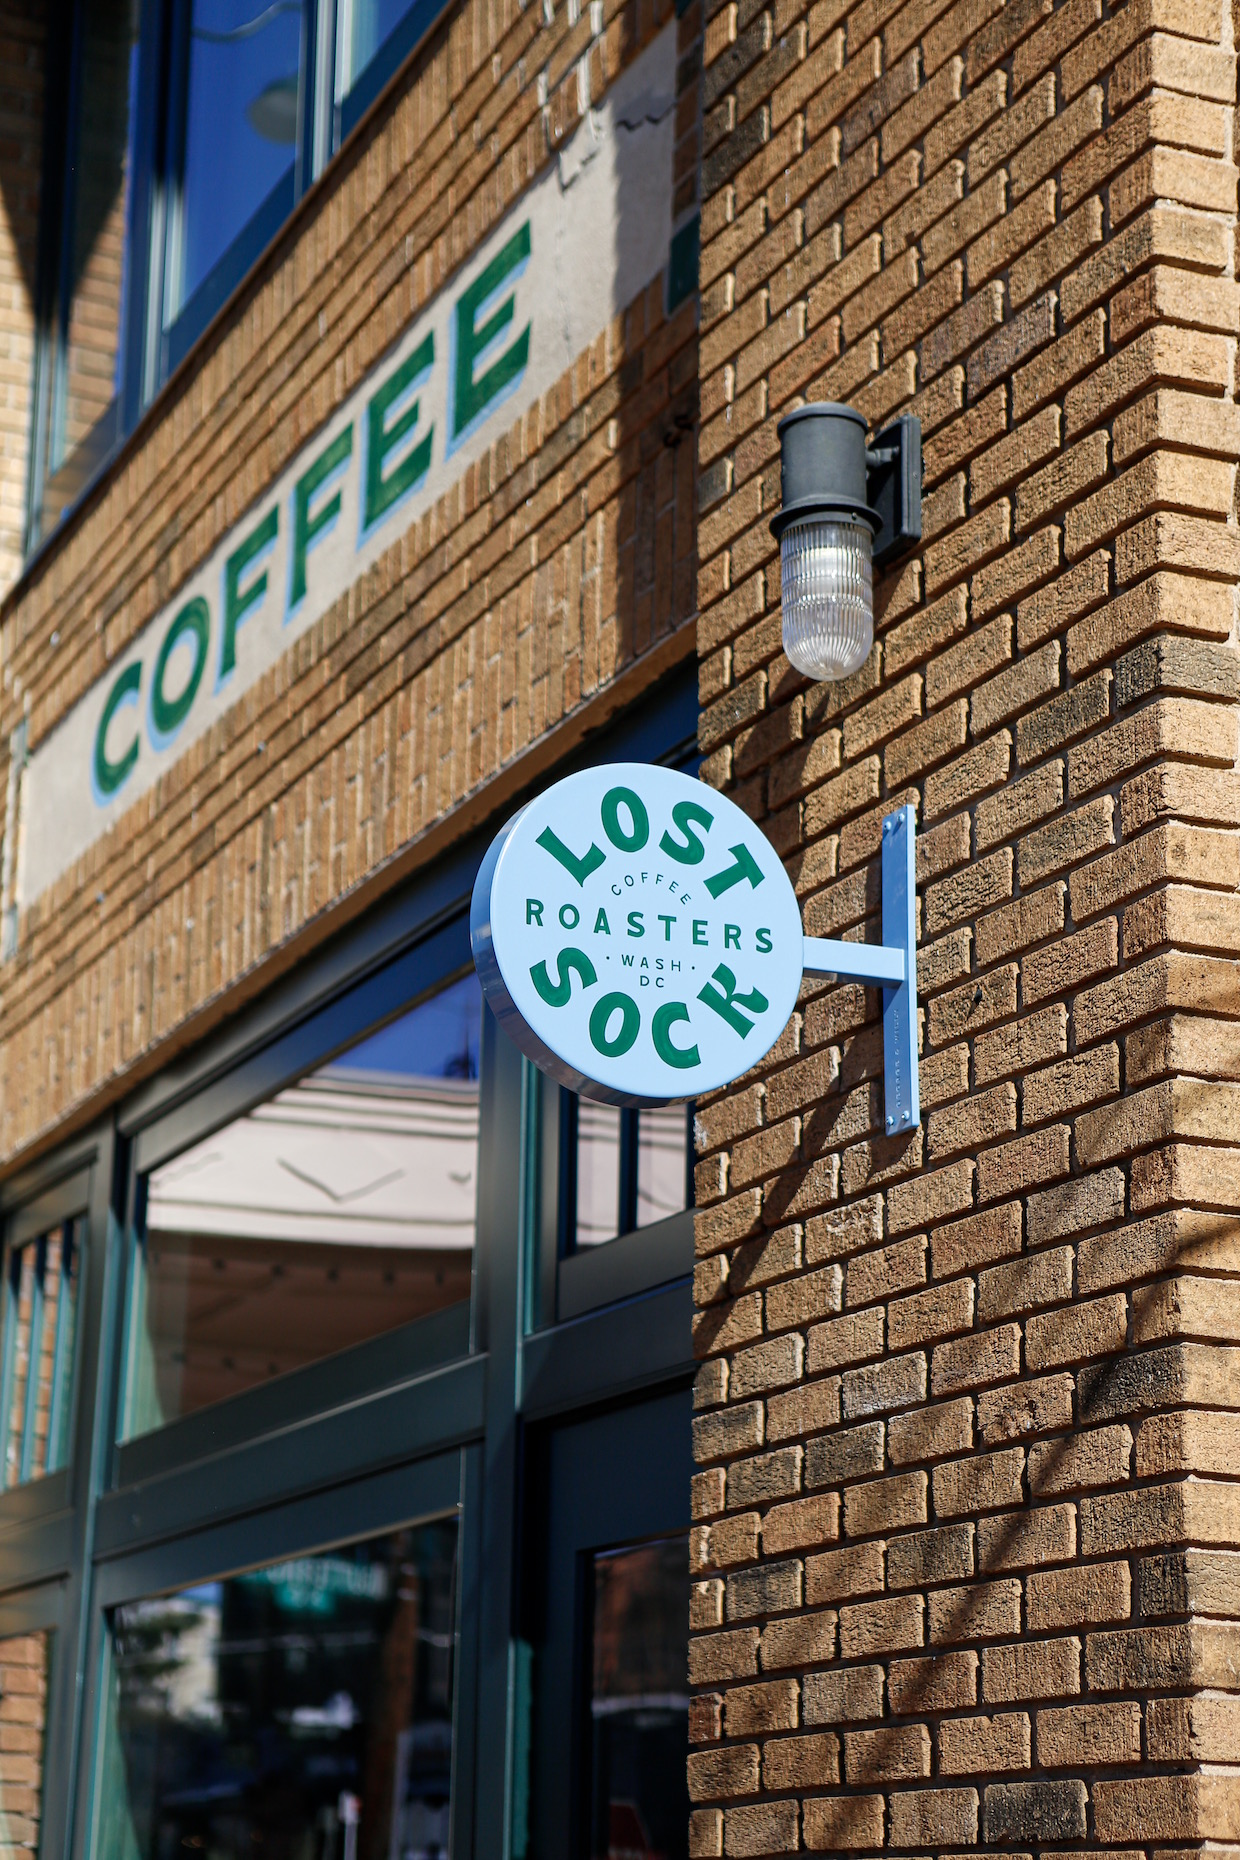 丟失的襪子烘焙機將它拉下來:期待已久的 DC 咖啡館開業